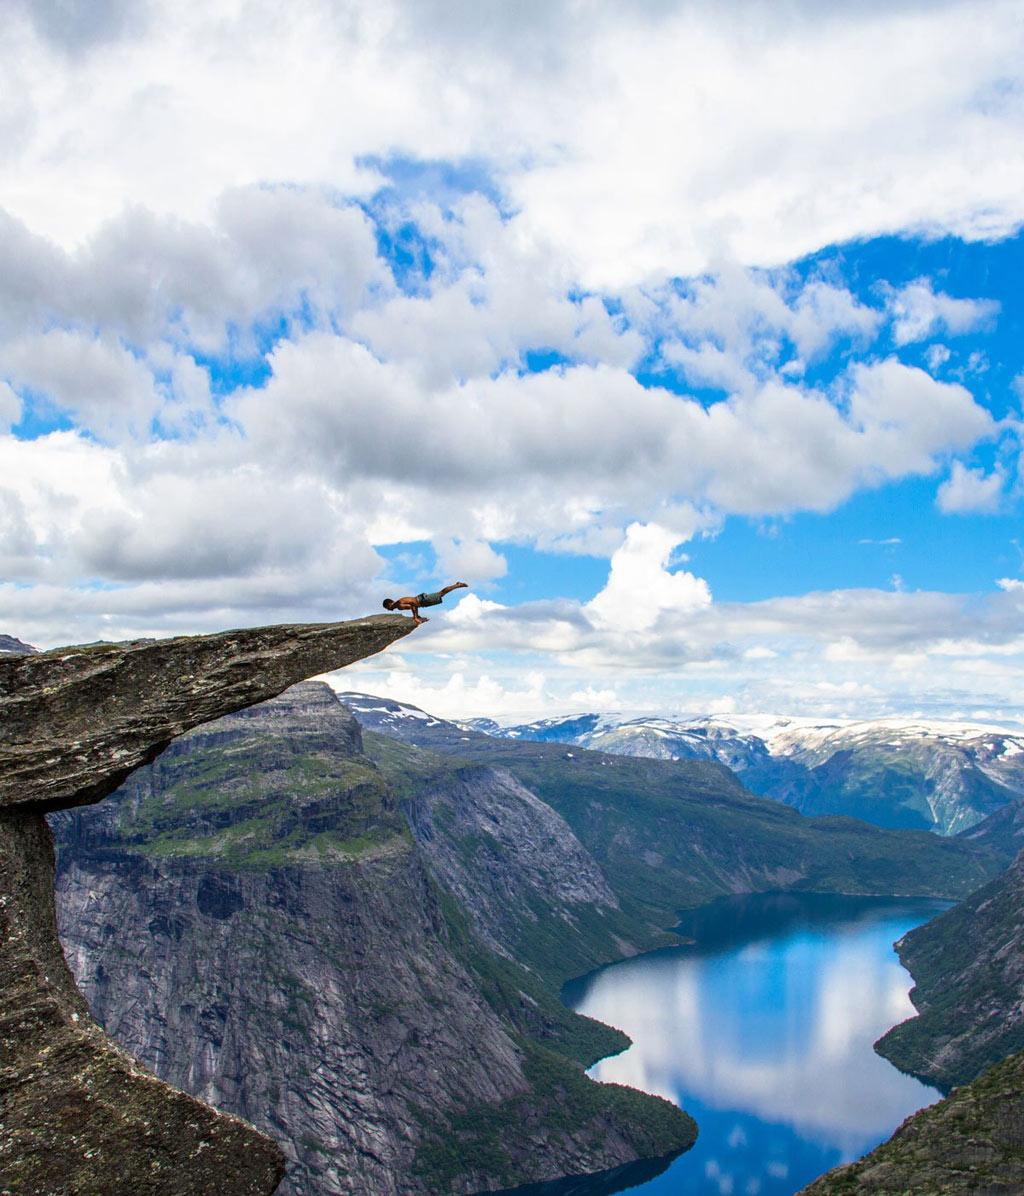 Trolltunga, một mỏm đá ở Na Uy nổi tiếng thế giới với góc nhìn cực đẹp, bầu trời bao la ôm trọn lấy nhánh sông dài chạy quanh co đến vô tận